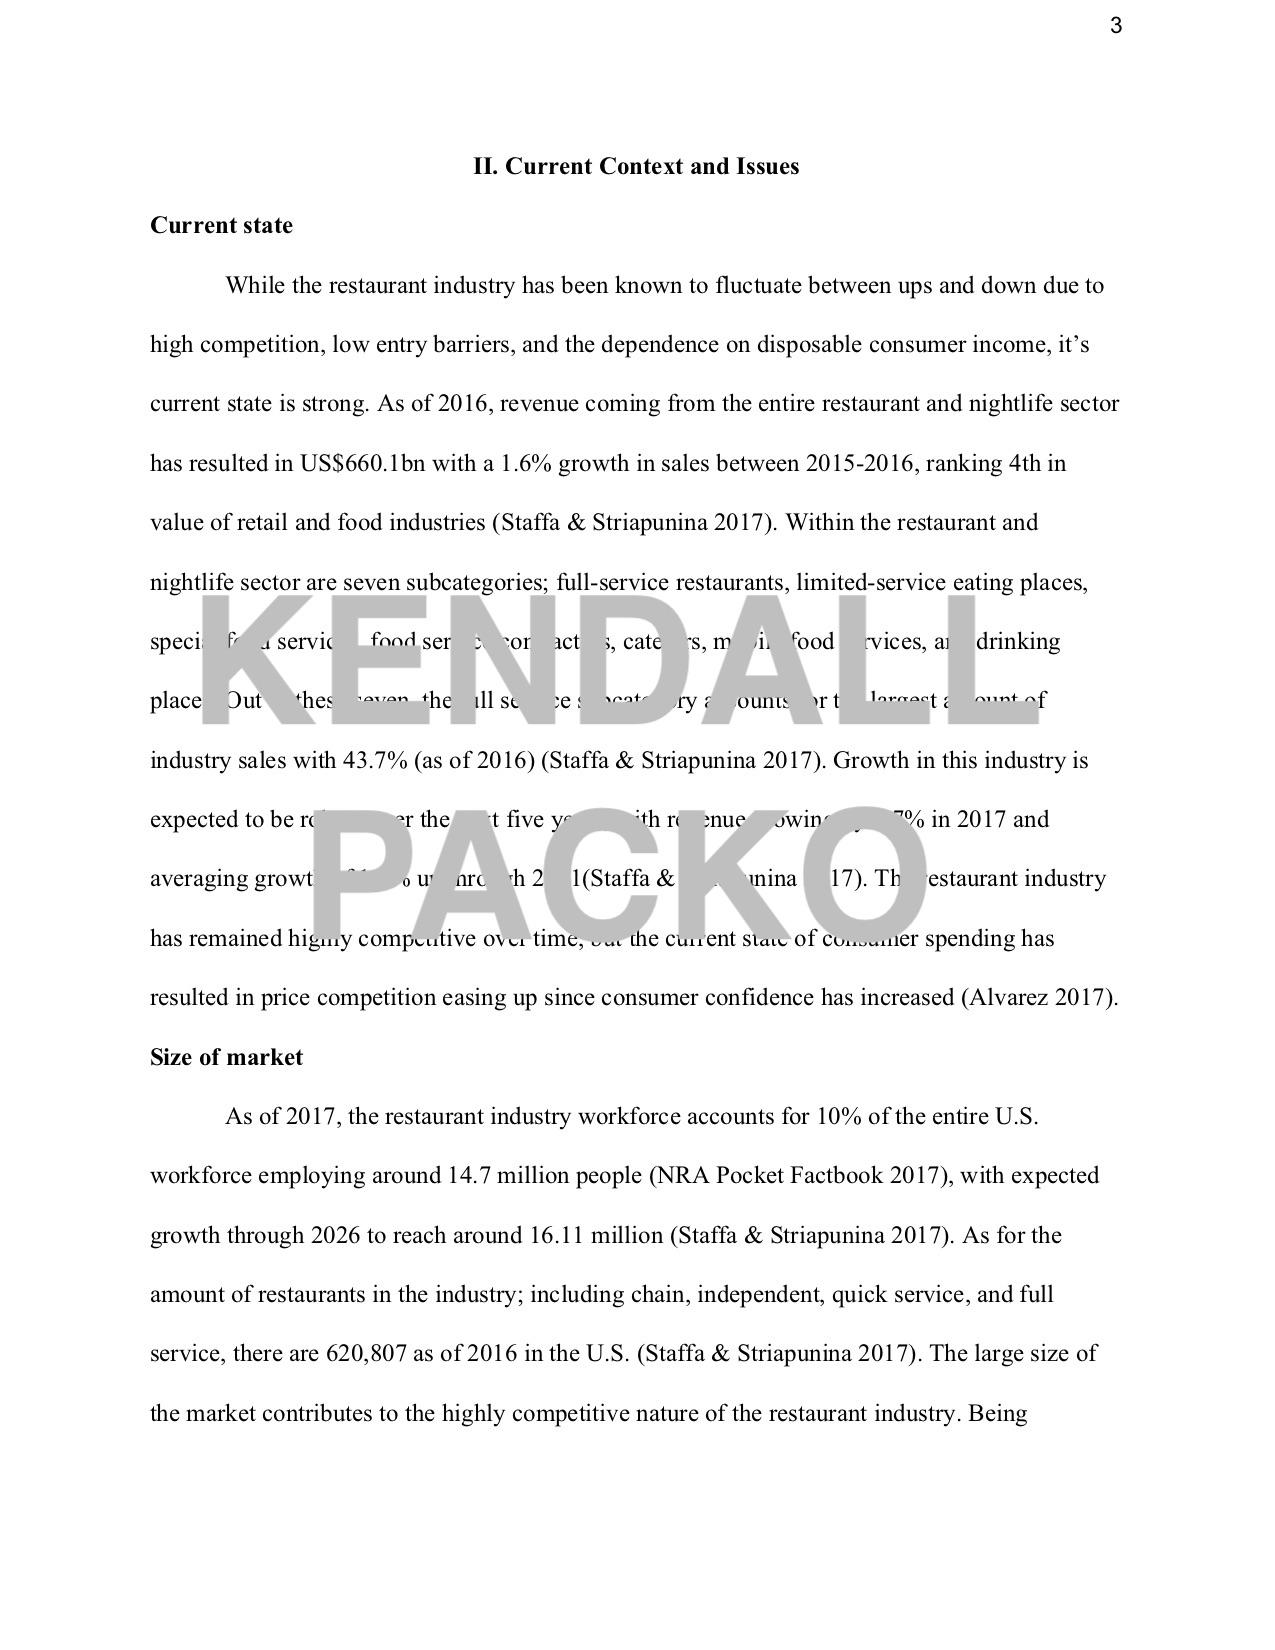 capstone_ white paper (paper)-3WATERMARK.jpg